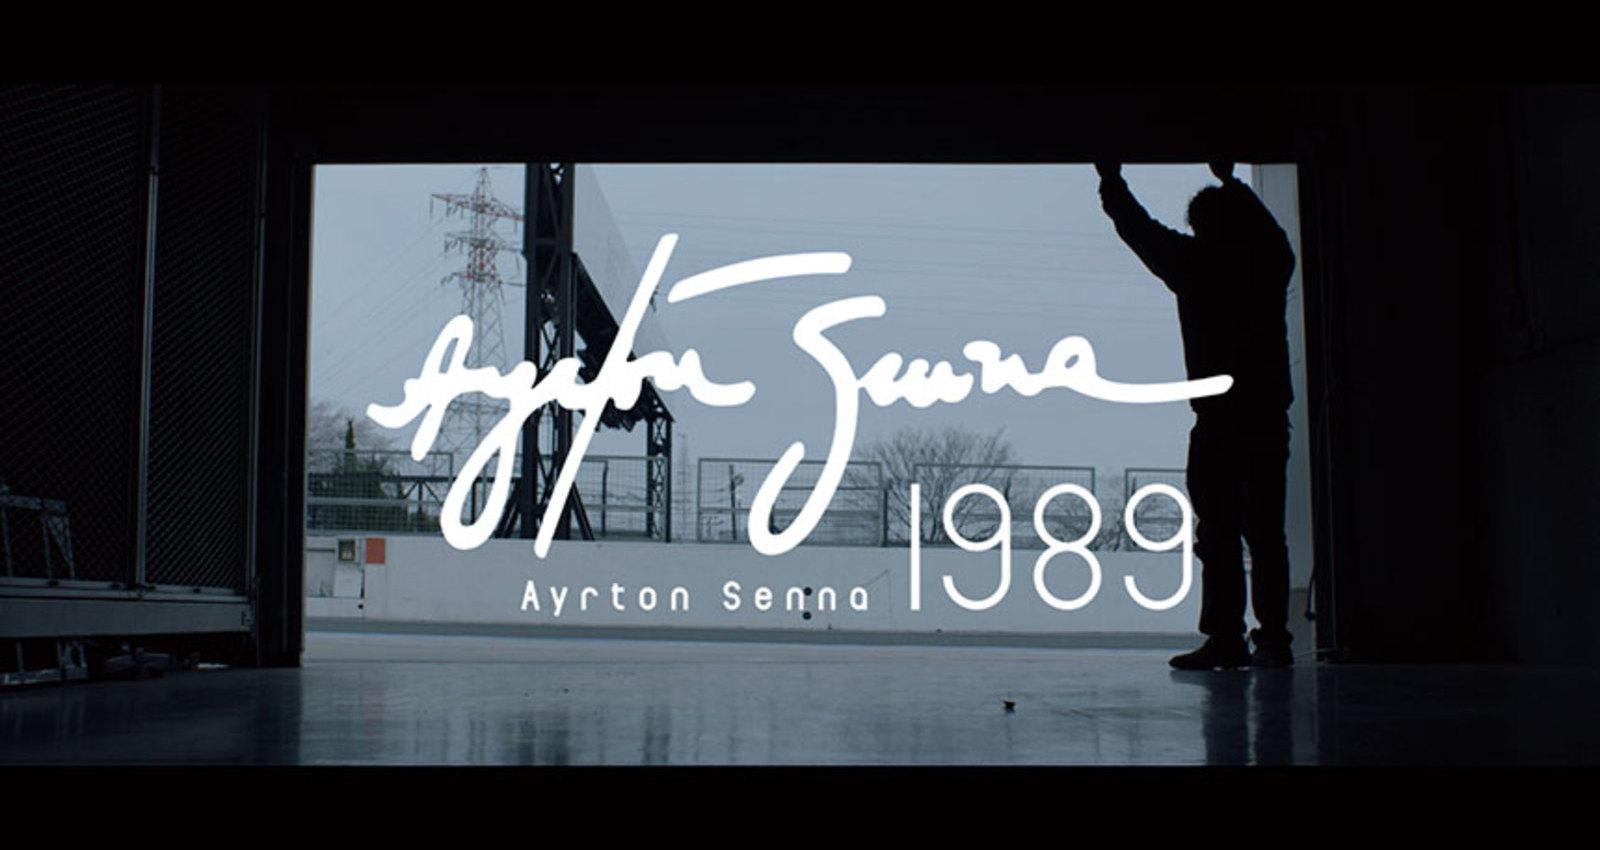 Sound of Honda / Ayrton Senna 1989